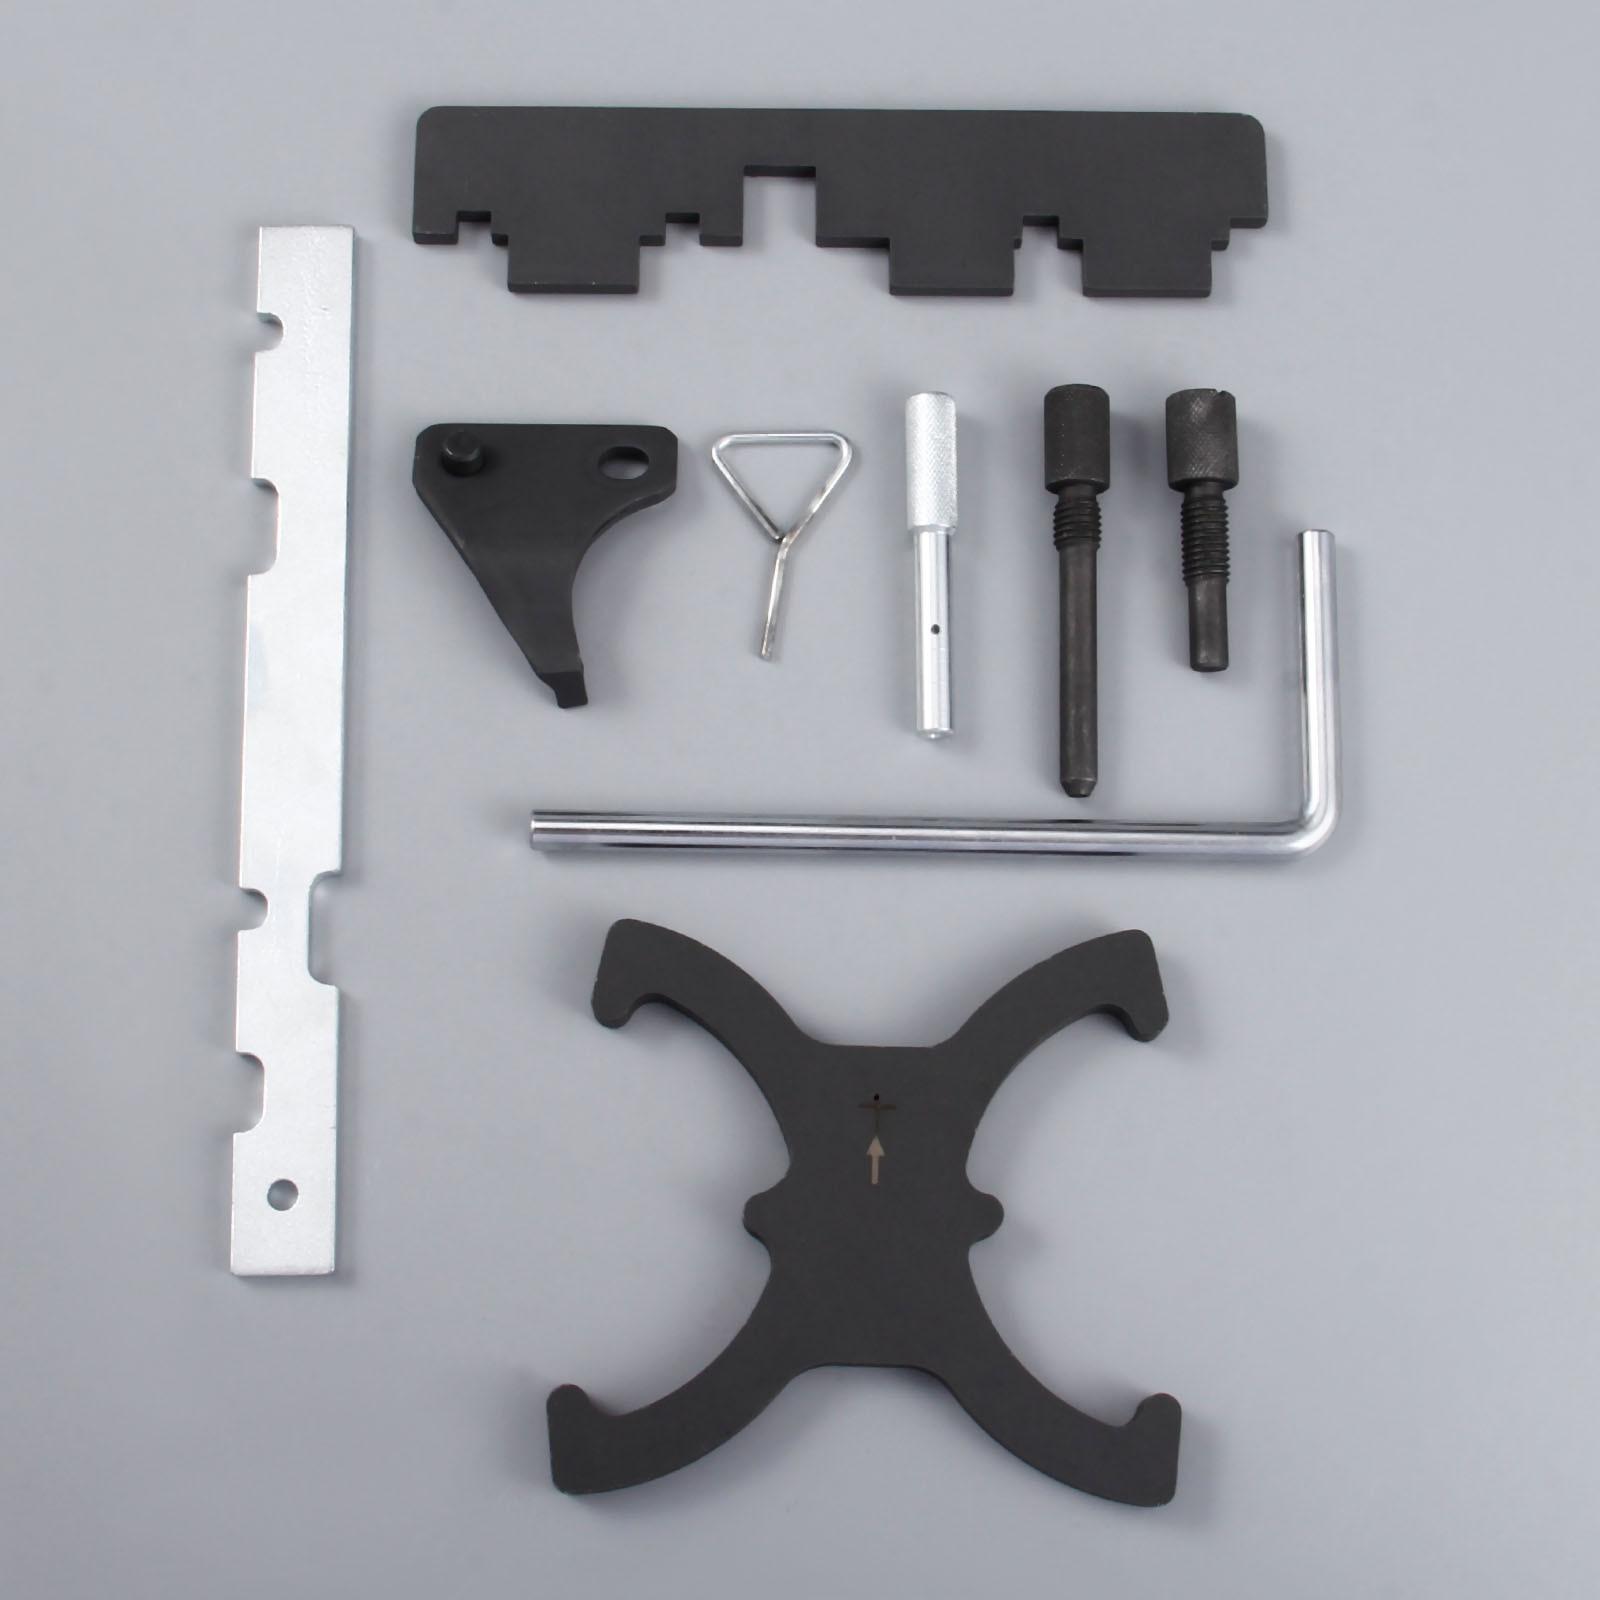 Yetaha Kit d'outils de blocage de calage d'arbre à cames moteur pour Ford Focus 1.6 pour Mazada 1.6 Eco Boost pour Volvo - 2